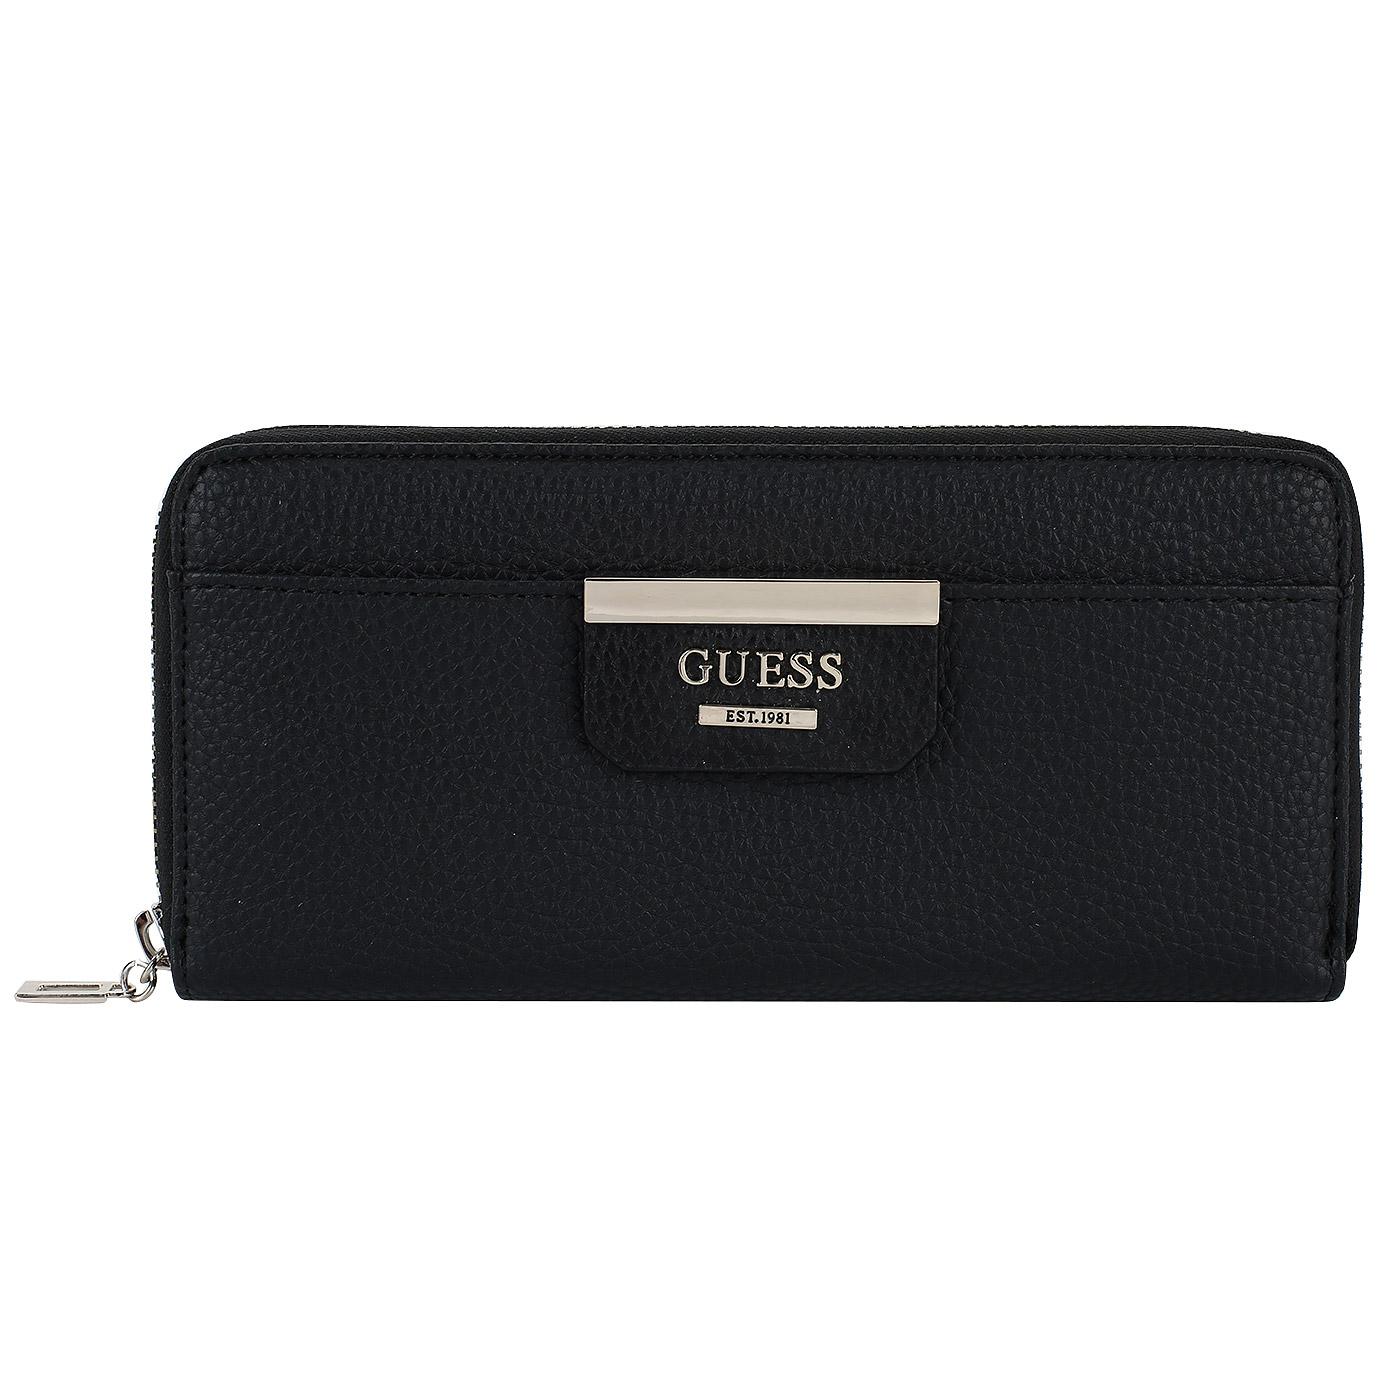 b2909c652949 Женское портмоне с ремешком для запястья Guess Bobbi SWFB64 ...